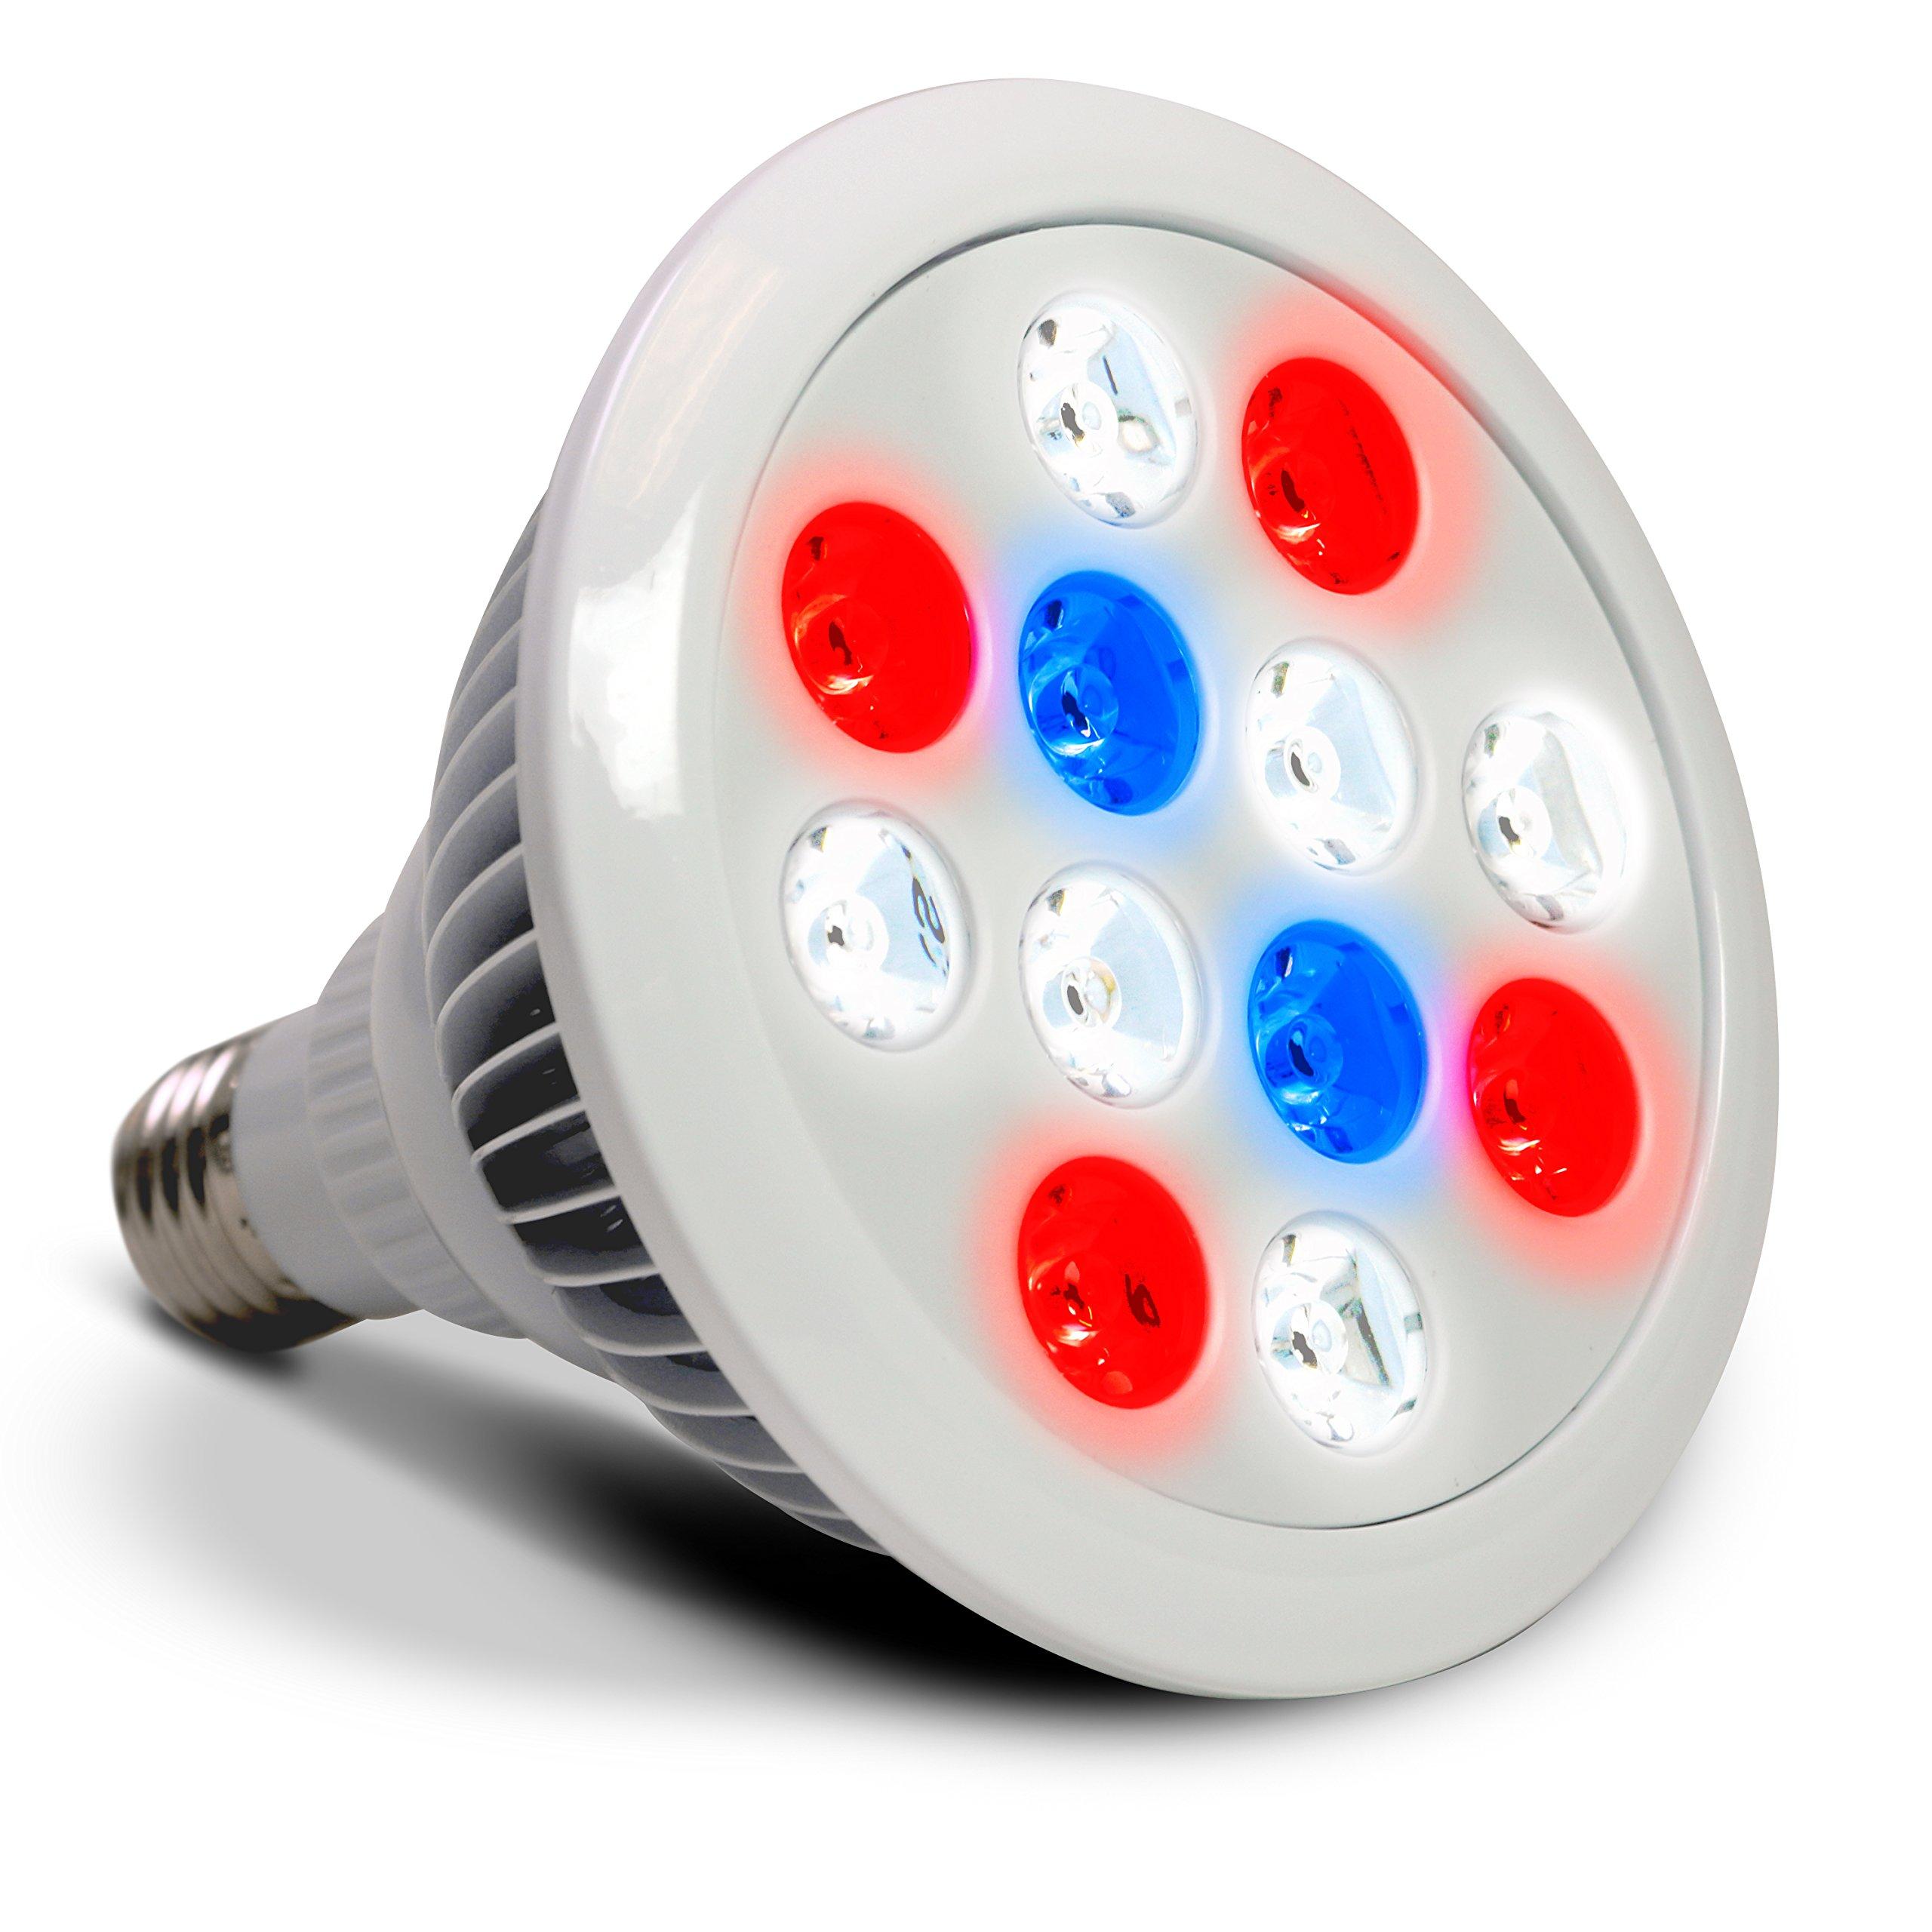 AeroGarden LED Grow Light (12w)